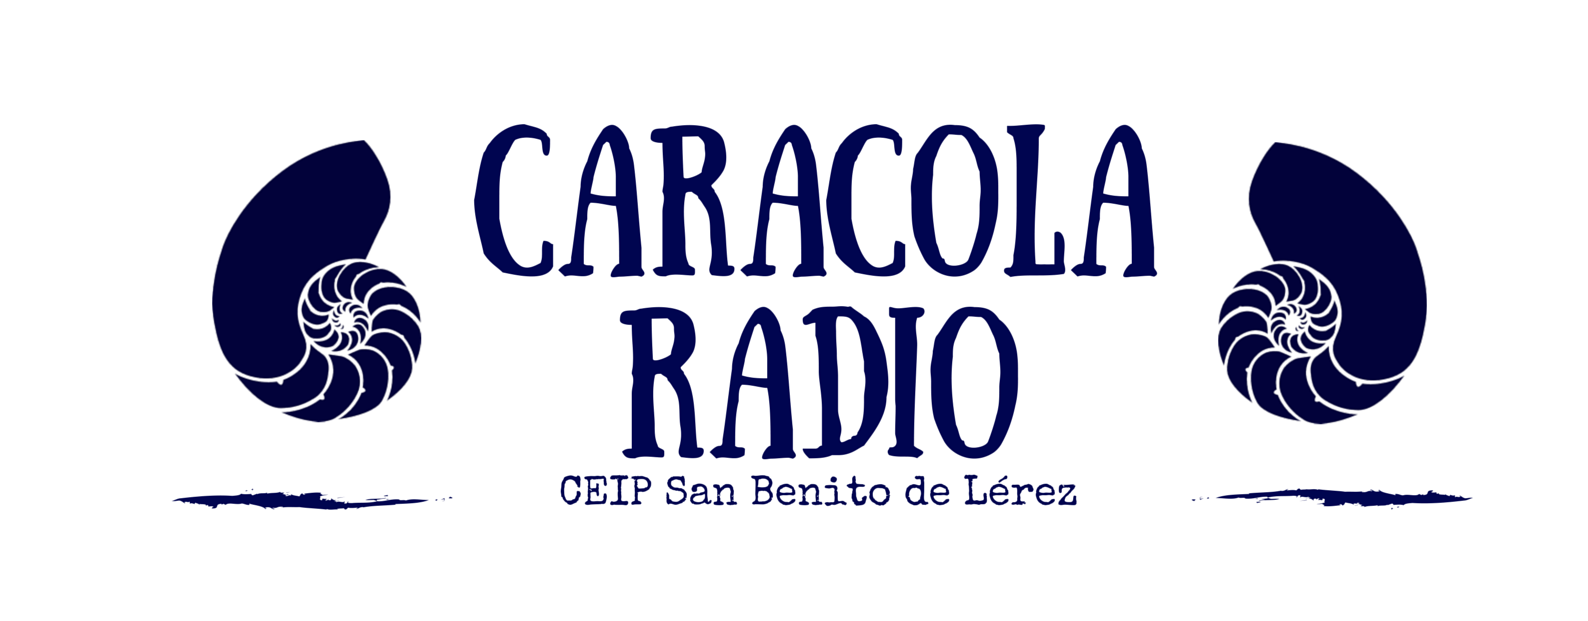 CARACOLA RADIO